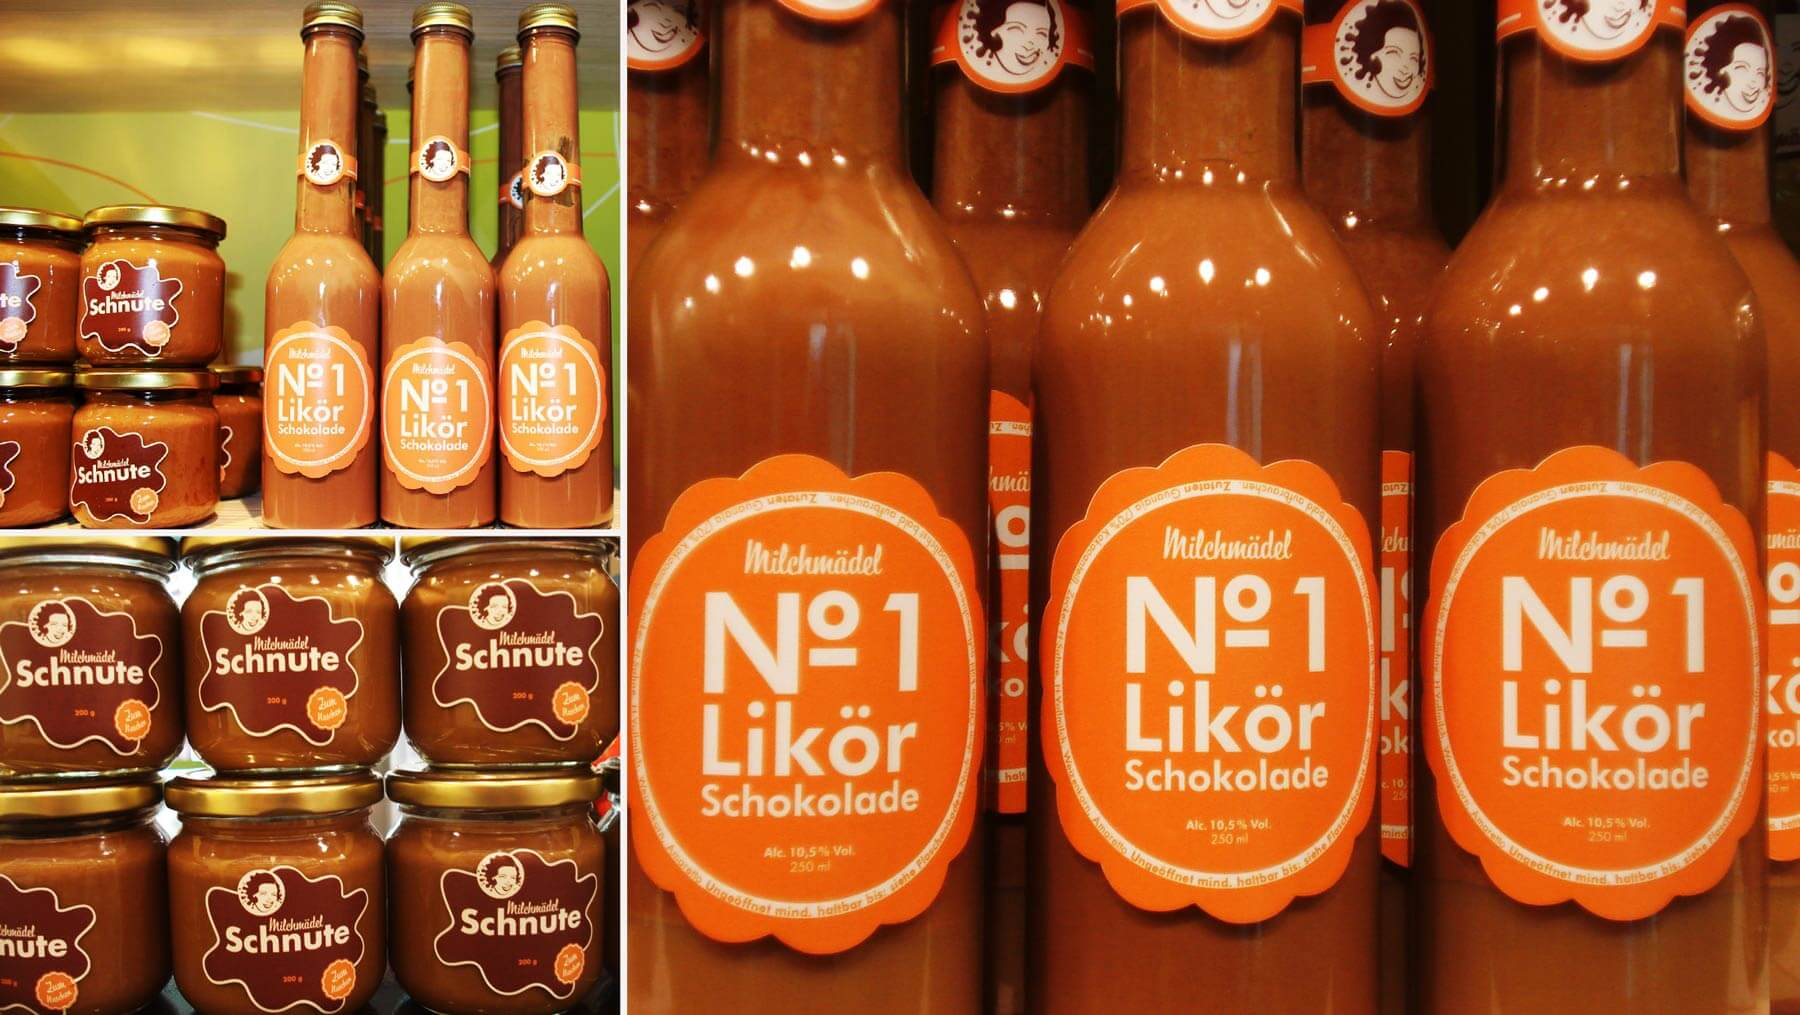 Milchmädel - Schokocreme Likör Verpackung Foto Copyright Ralf Kleimann